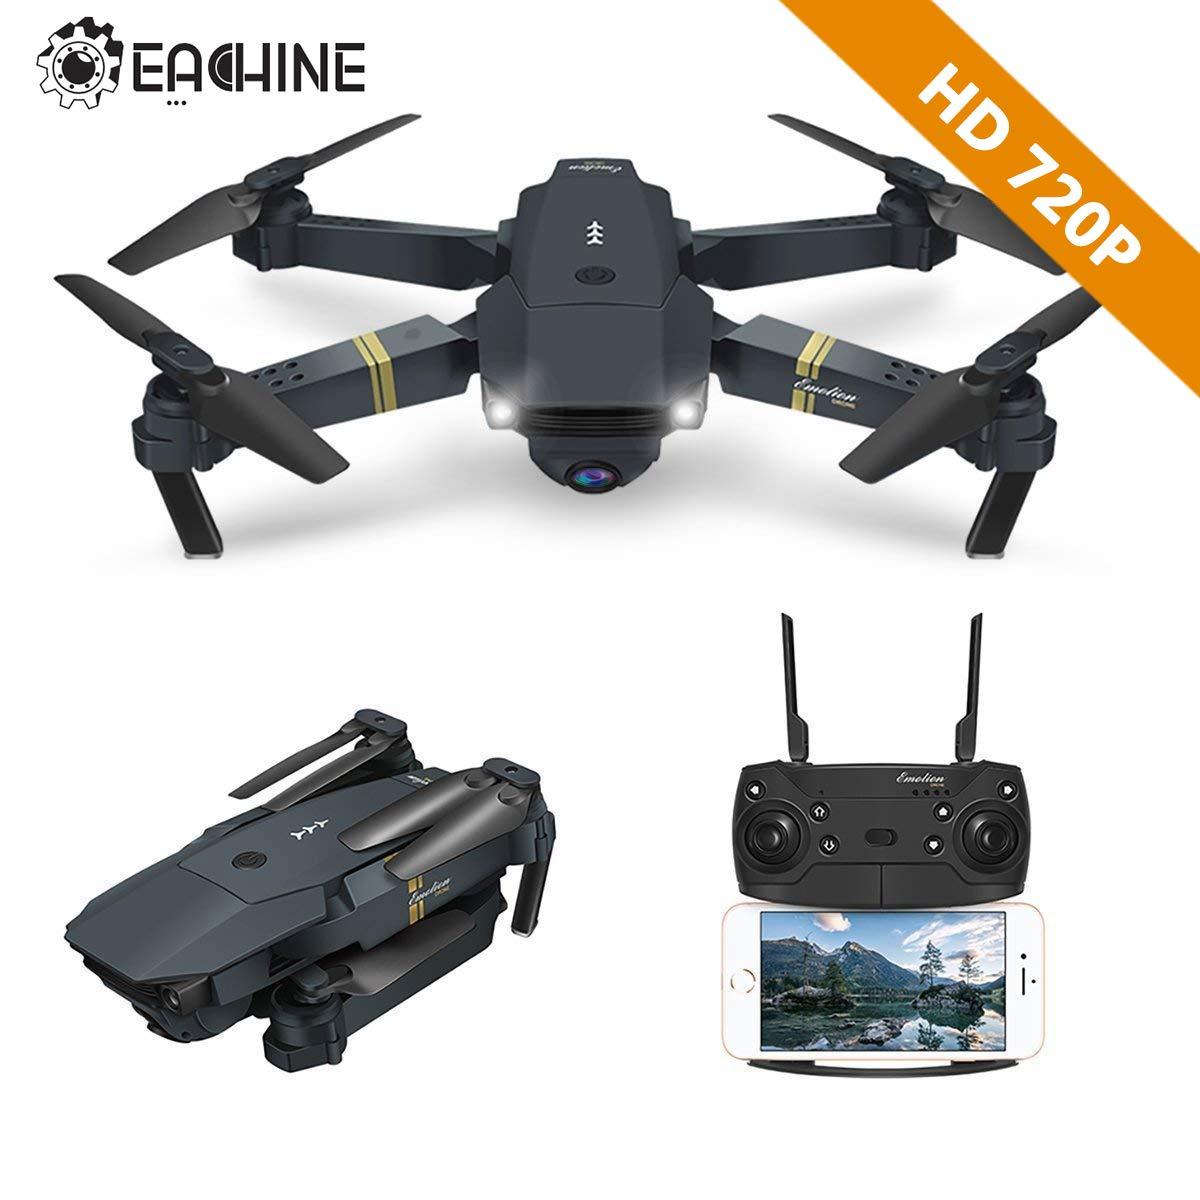 EACHINE Drohne mit Kamera E58 Live Übertragung,120°Weitwinkel 720P HD Kamera